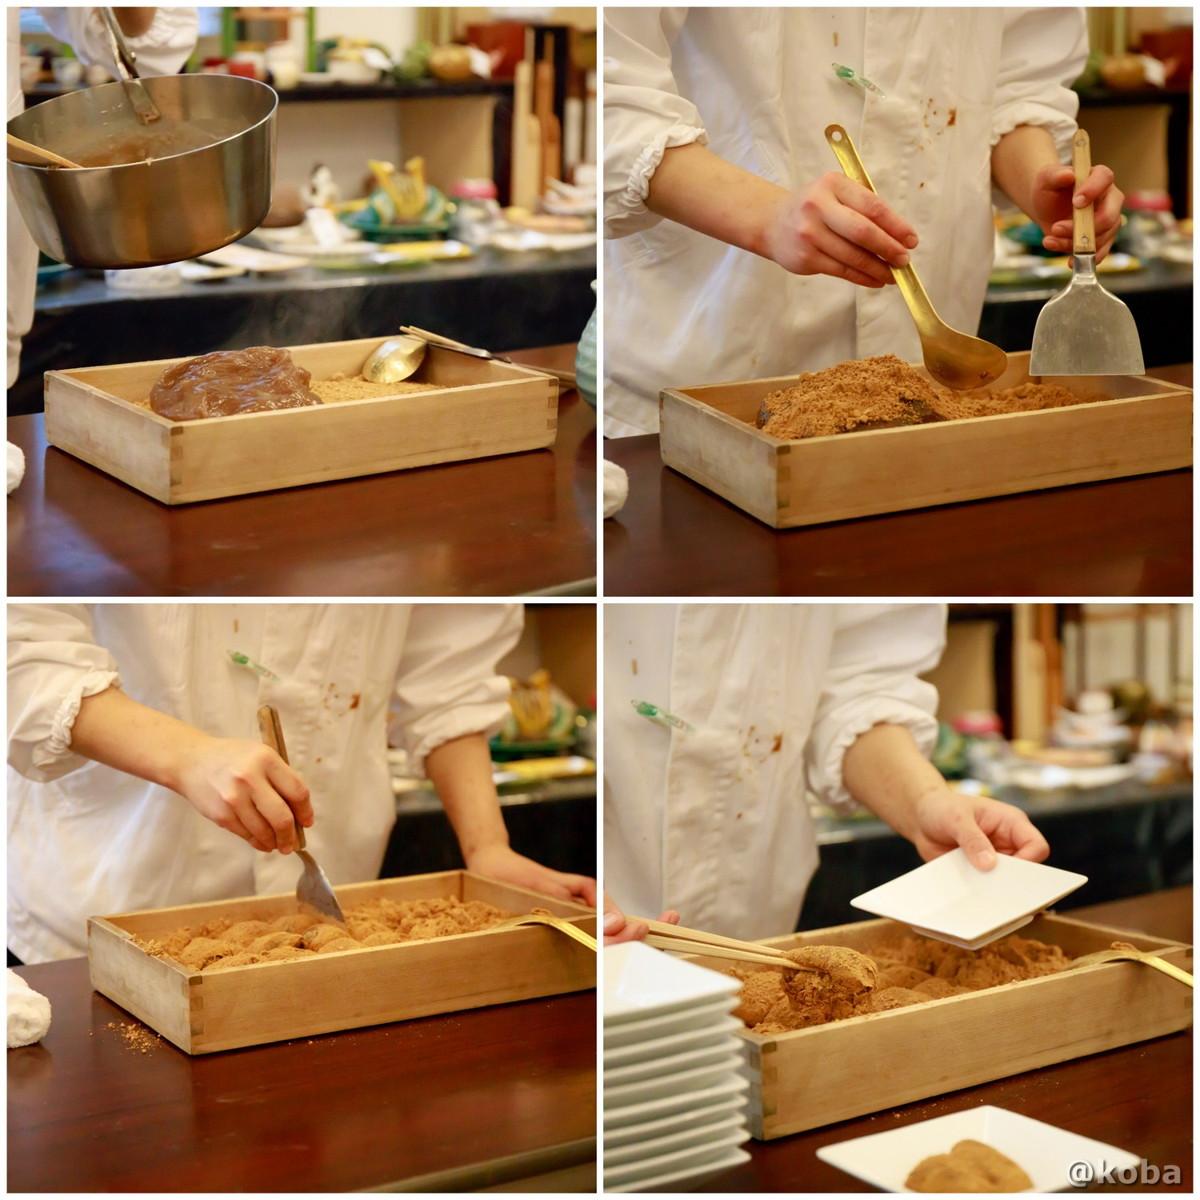 わらび餅作りの写真|宇豆基野(うずきの)本店 湯葉懐石ランチ 豆腐料理店|東京都足立区・北千住|こばブログ